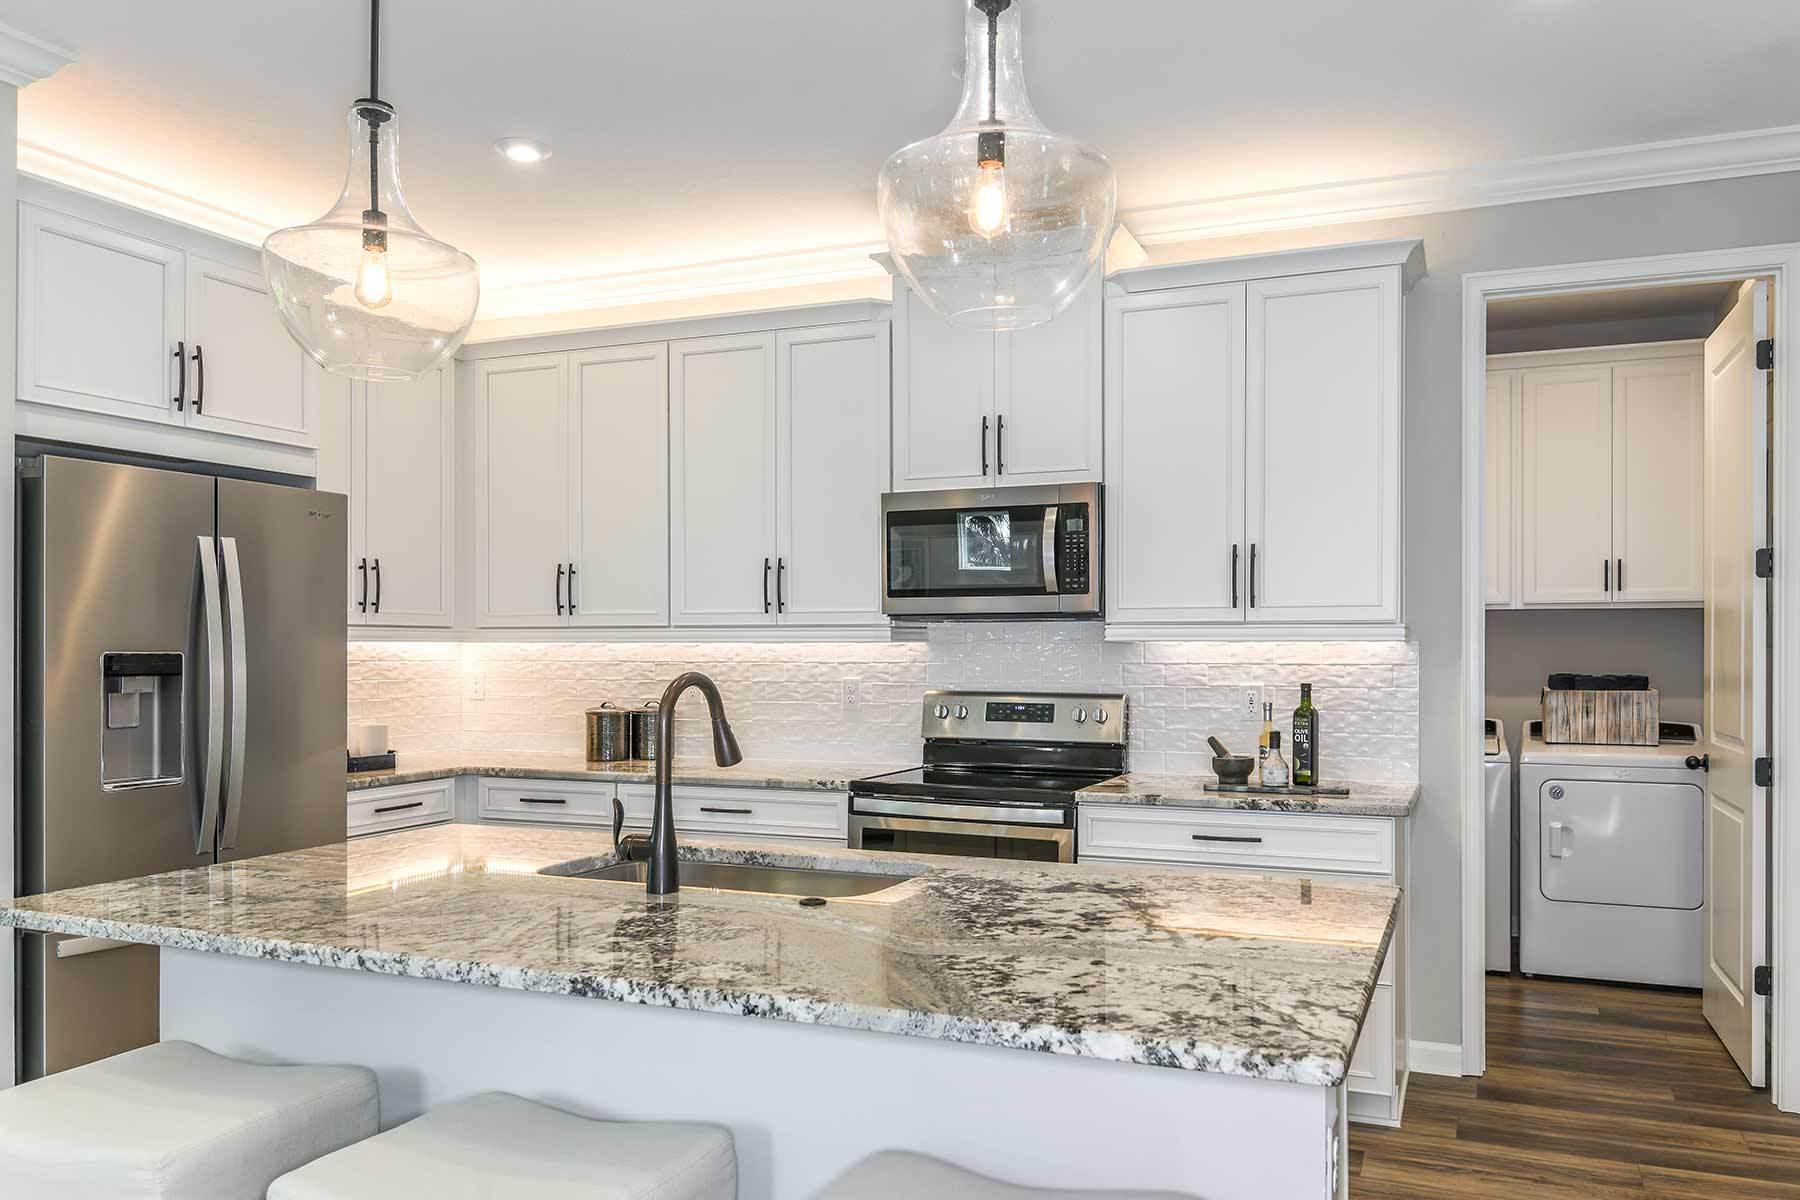 Kitchen featured in the Largo By Mattamy Homes in Sarasota-Bradenton, FL